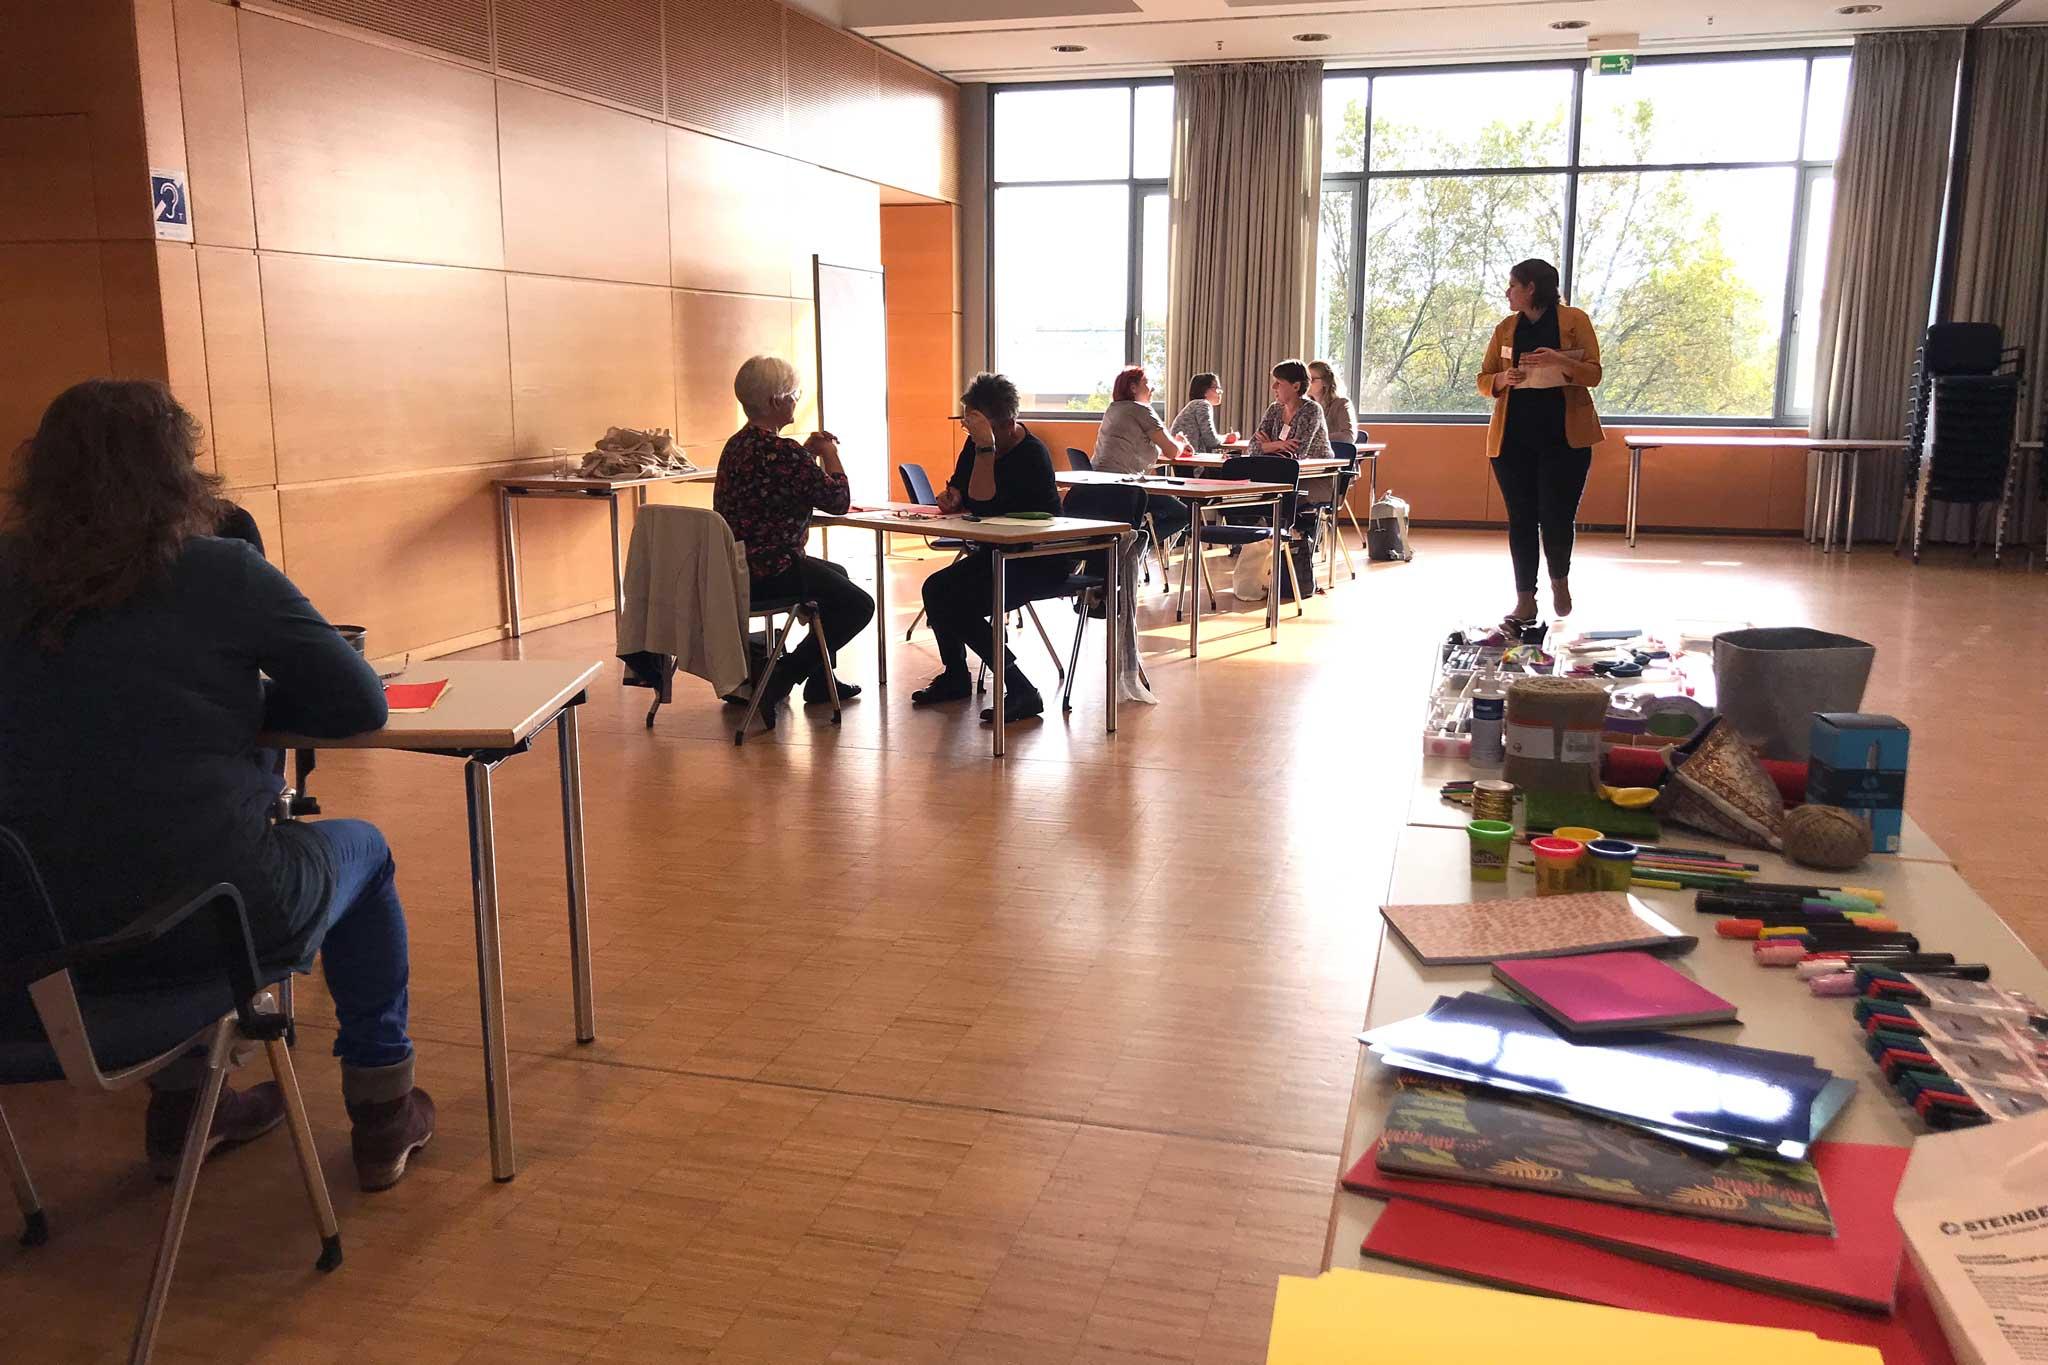 Workshopbild vom Design Thinking. Teilnehmer an ihrem Arbeitsplatz, Tisch mit Material für die Prototypen.